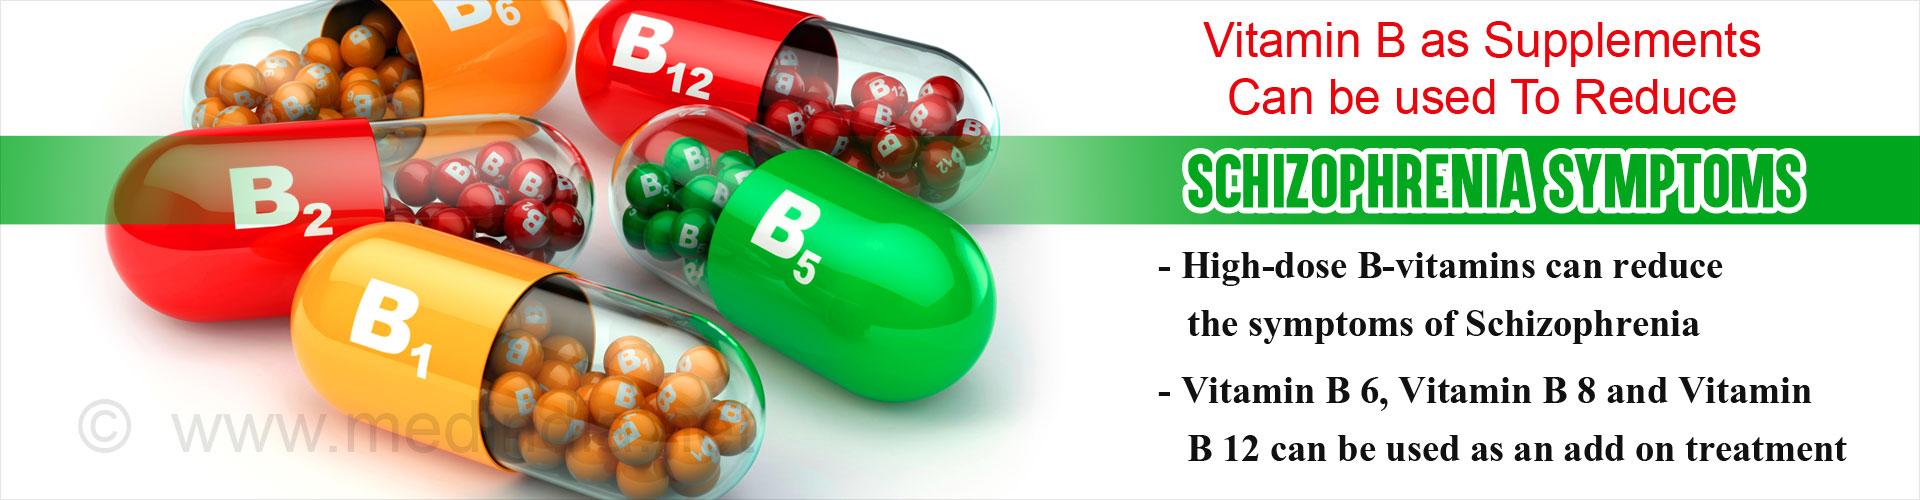 B Vitamins Can Reduce Schizophrenia Symptoms